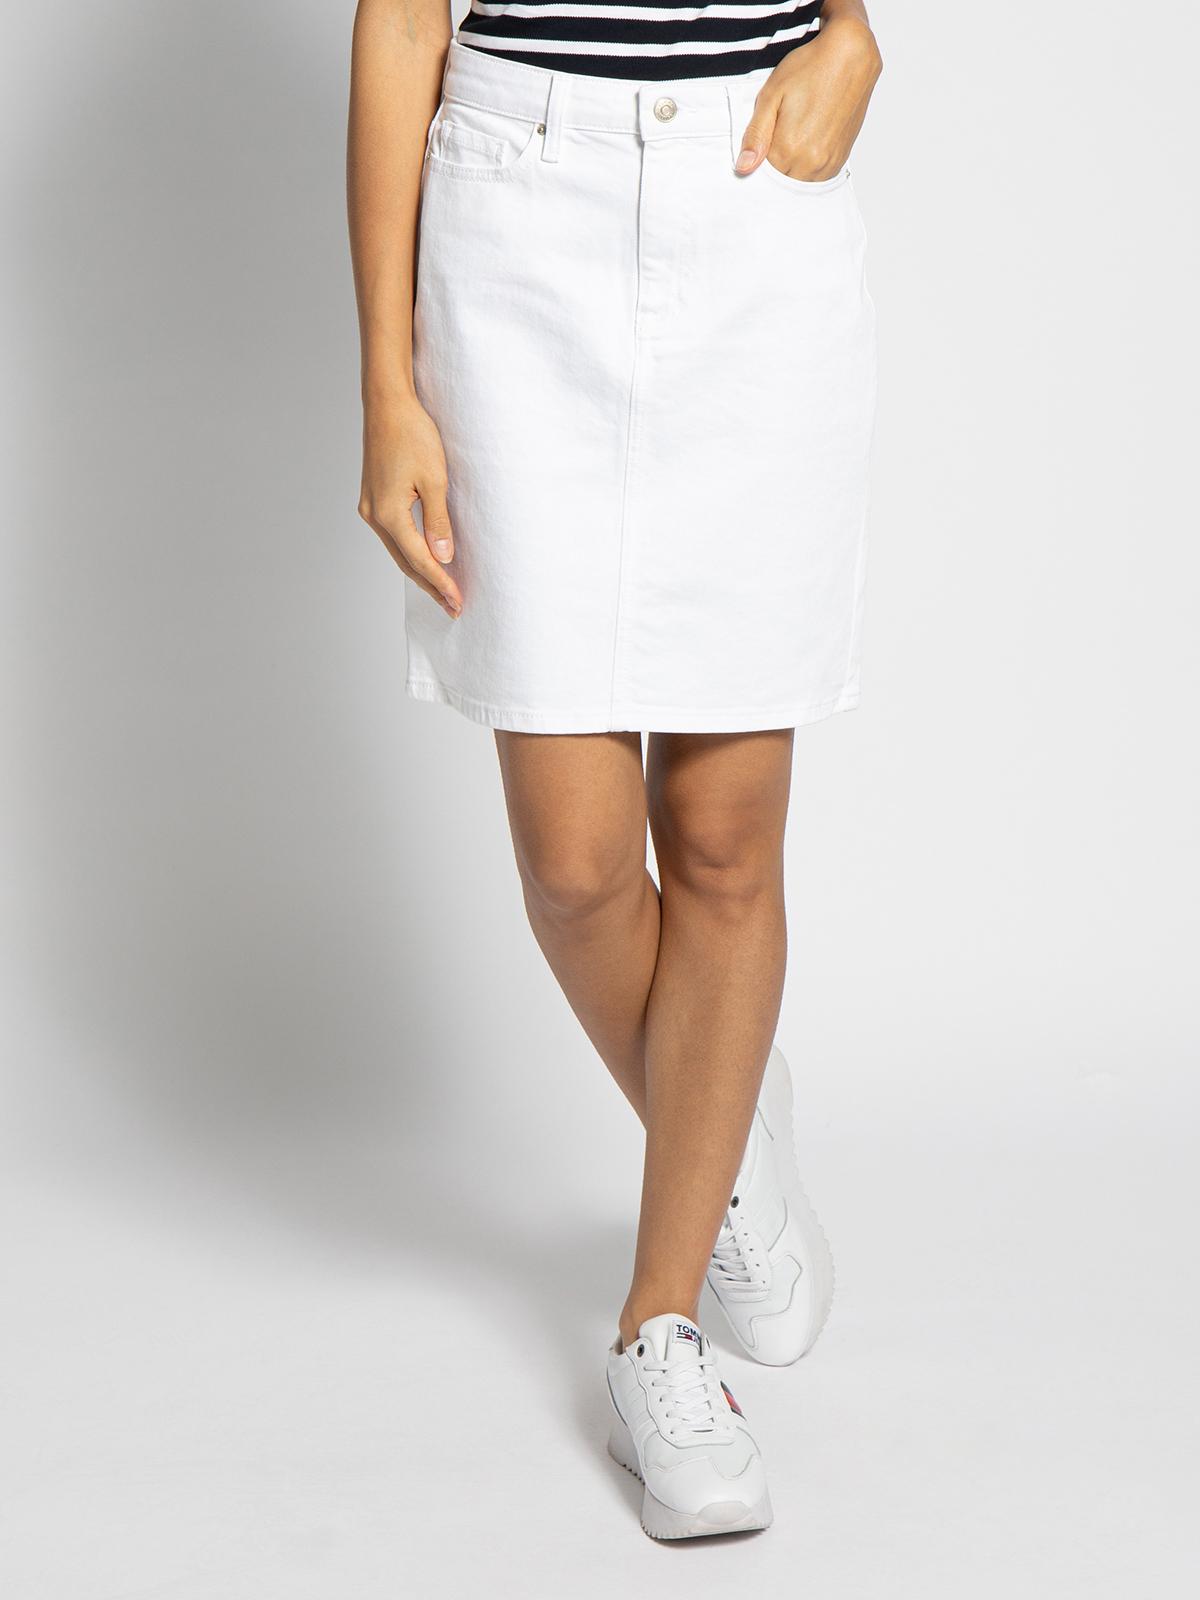 Tommy Hilfiger Denim rok in wit voor Dames